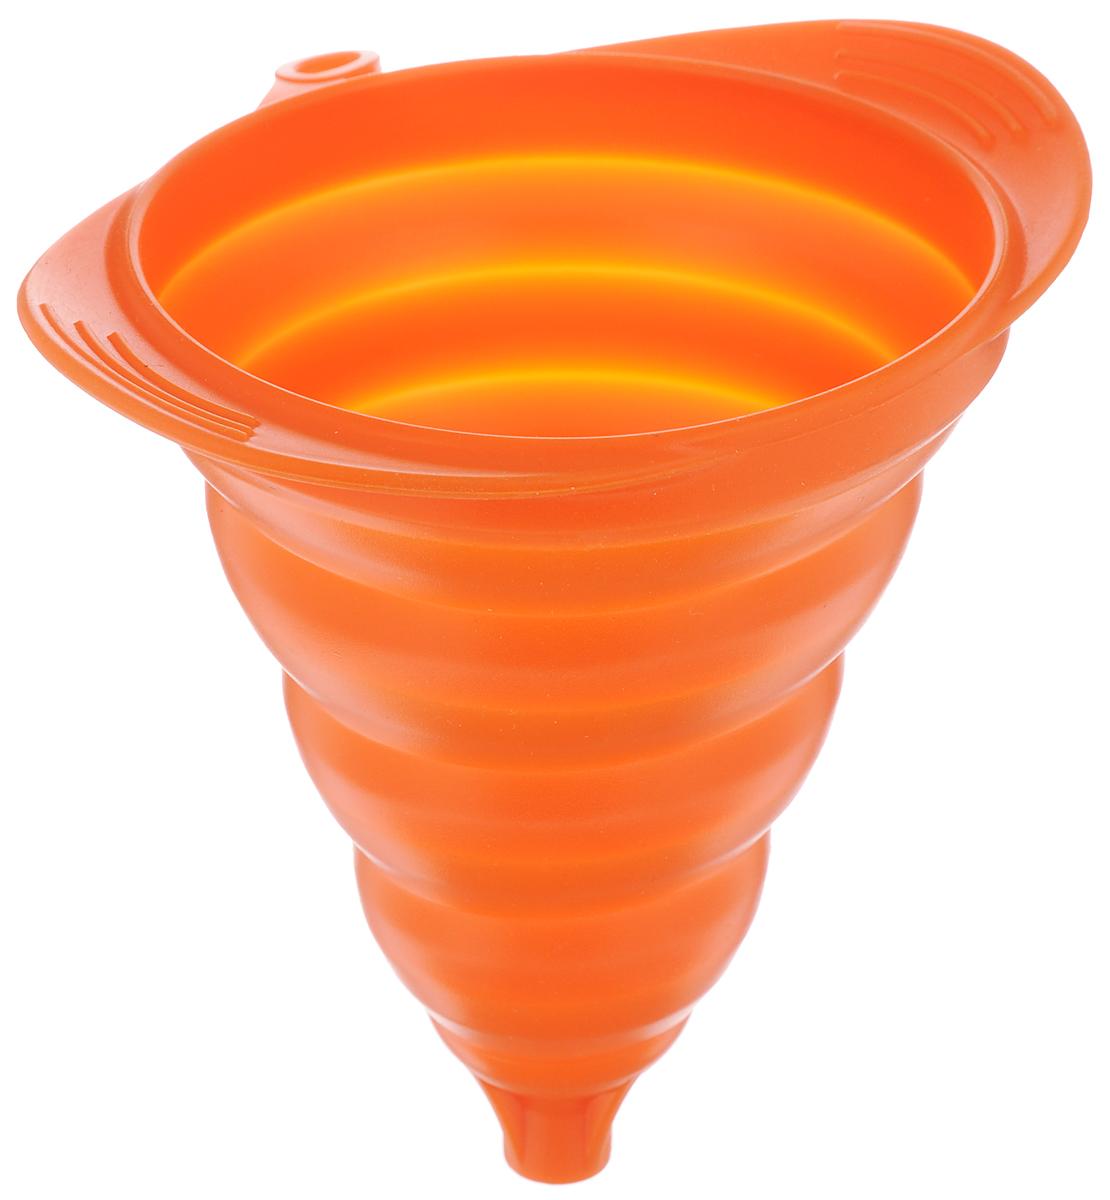 Воронка Mayer & Boch, силиконовая, складная, цвет: оранжевый, 16 х 13 смCM000001328Воронка Mayer & Boch изготовлена извысококачественного экологически чистогопищевого силикона. Предназначена дляпереливания как холодных, так и горячихжидкостей, а также для пересыпания сыпучихпродуктов - соли, сухих приправ и т.д. Благодаряуникальной складывающейся конструкции подходитпод емкости с различным диаметром горлышка изанимает мало места при хранении.Силикон выдерживает температуру от -40°С до210°С. Можно мыть в посудомоечной машине.Размер воронки: 16 х 13 см.Высота в сложенном виде: 2 см.